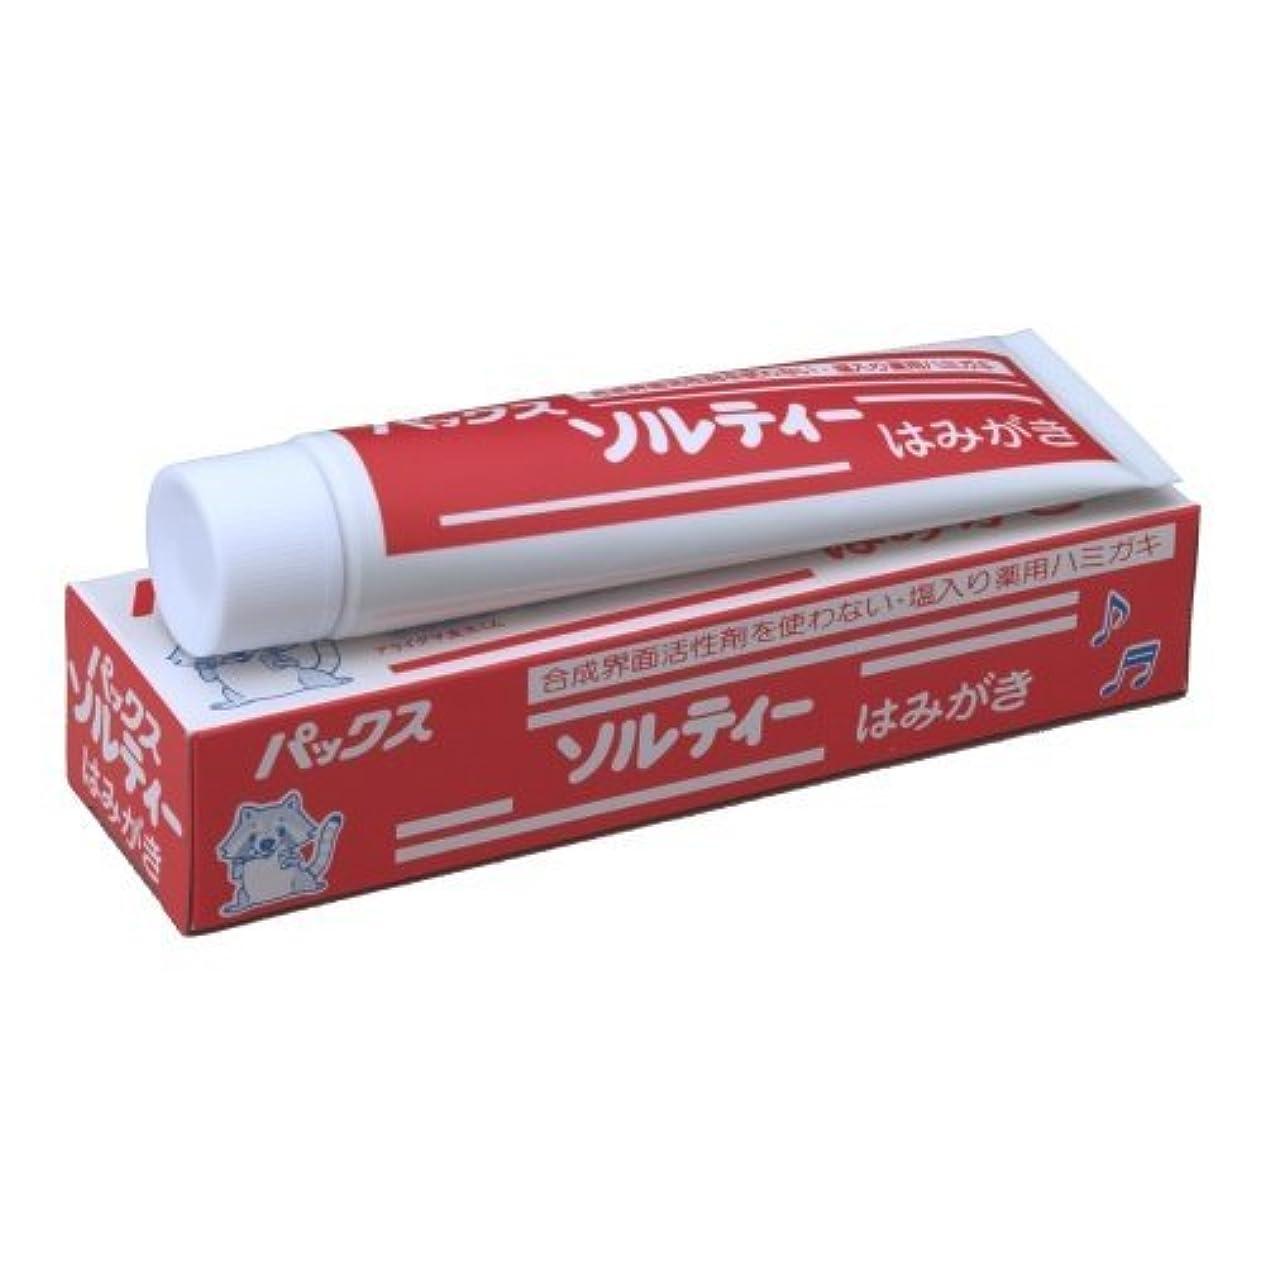 電卓ビート驚きパックスソルティーはみがき 80g (塩歯磨き粉)